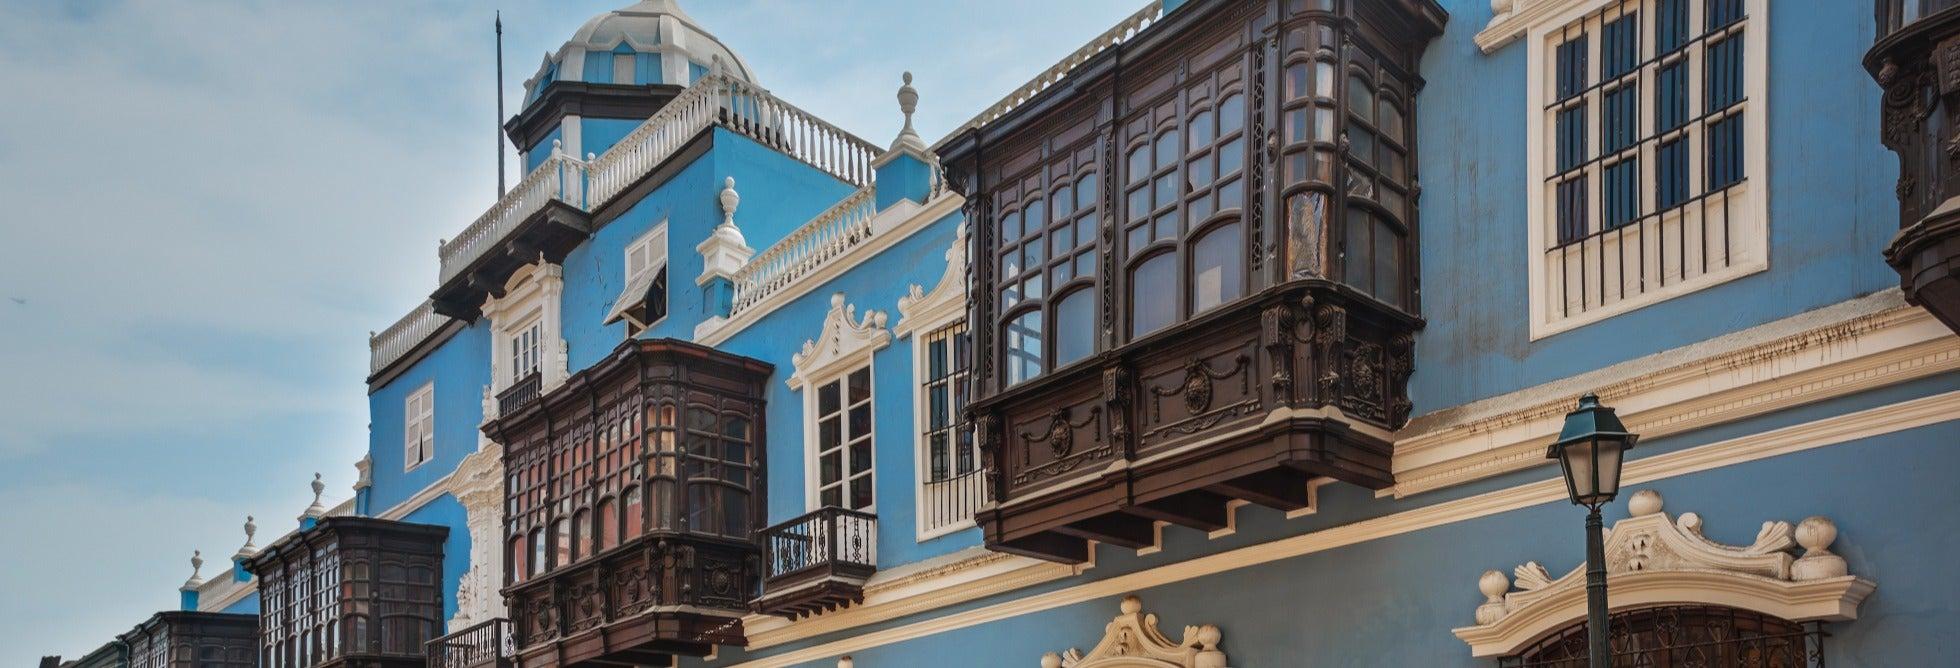 Tour pelas casas coloniais de Lima